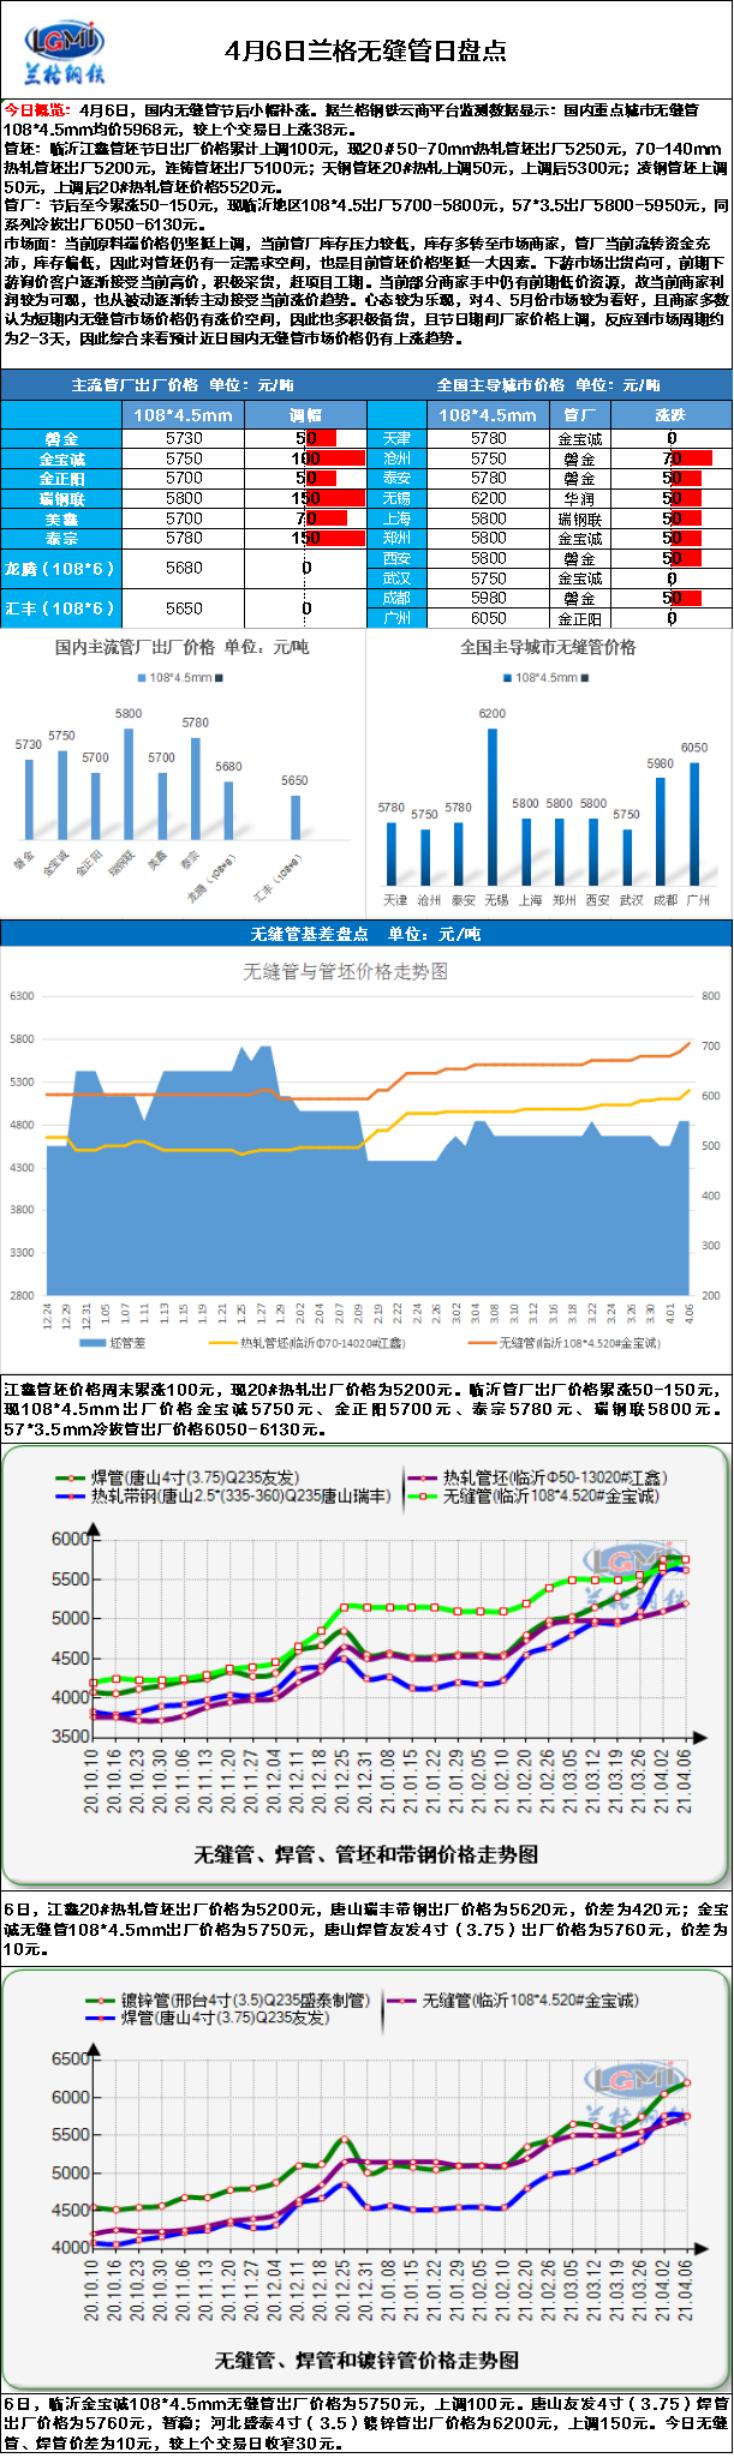 兰格无缝管日盘点(4.6):无缝管价格持续上涨  上游支撑有力